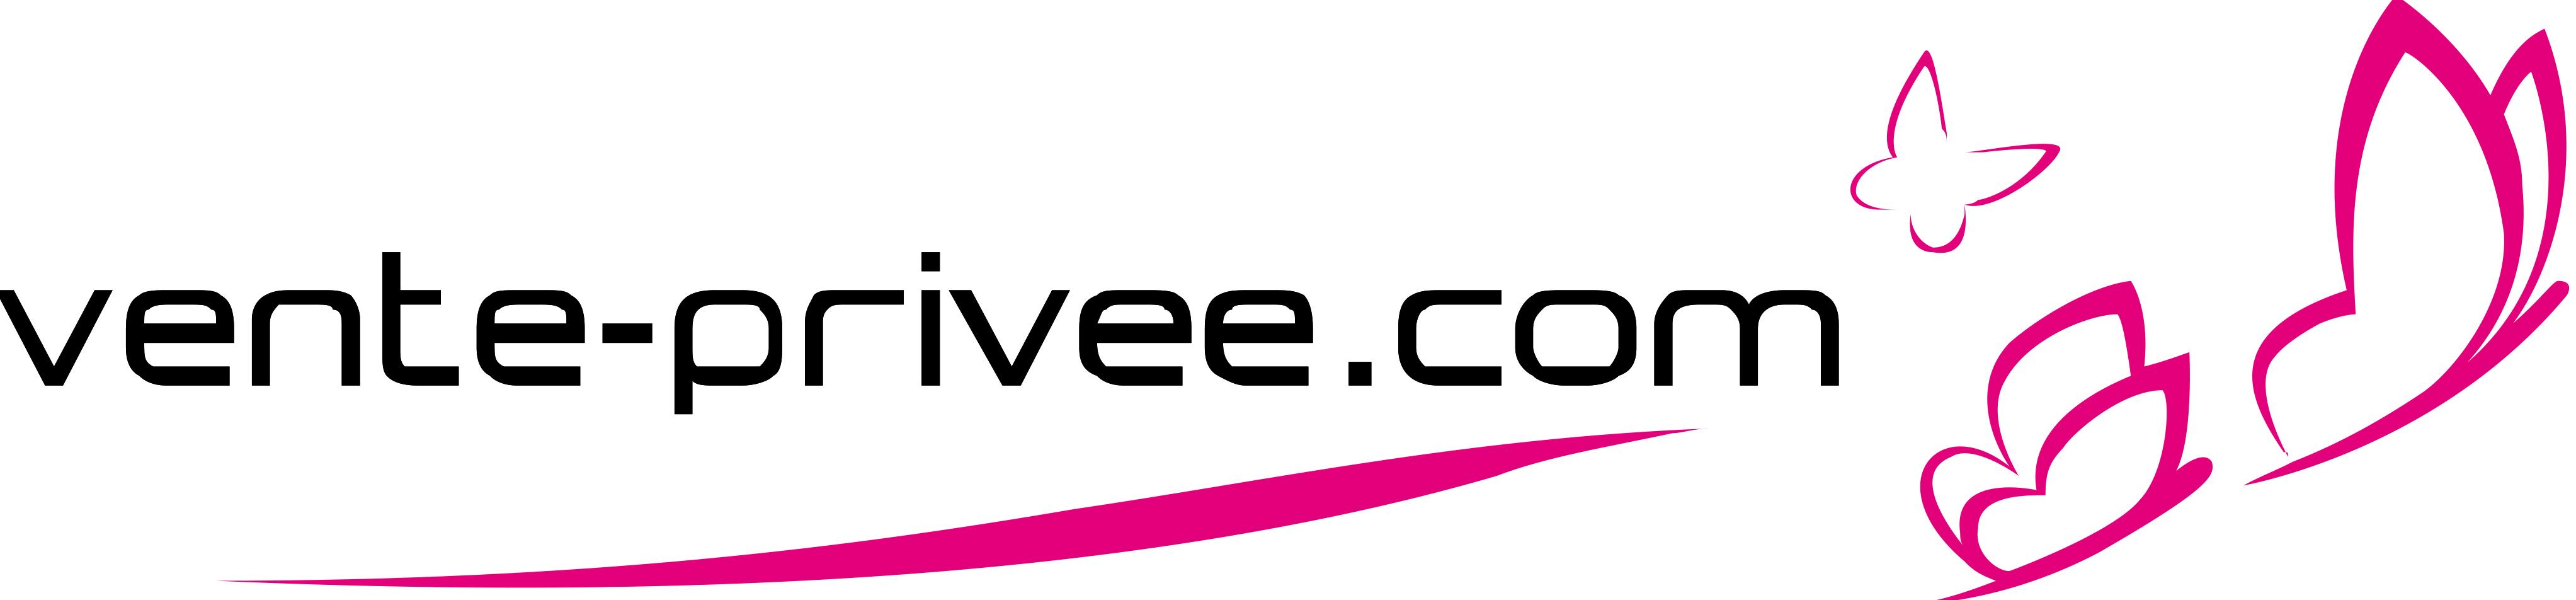 Le site vente priv e lance ses promotions pour disneyland - Vente privee site internet ...